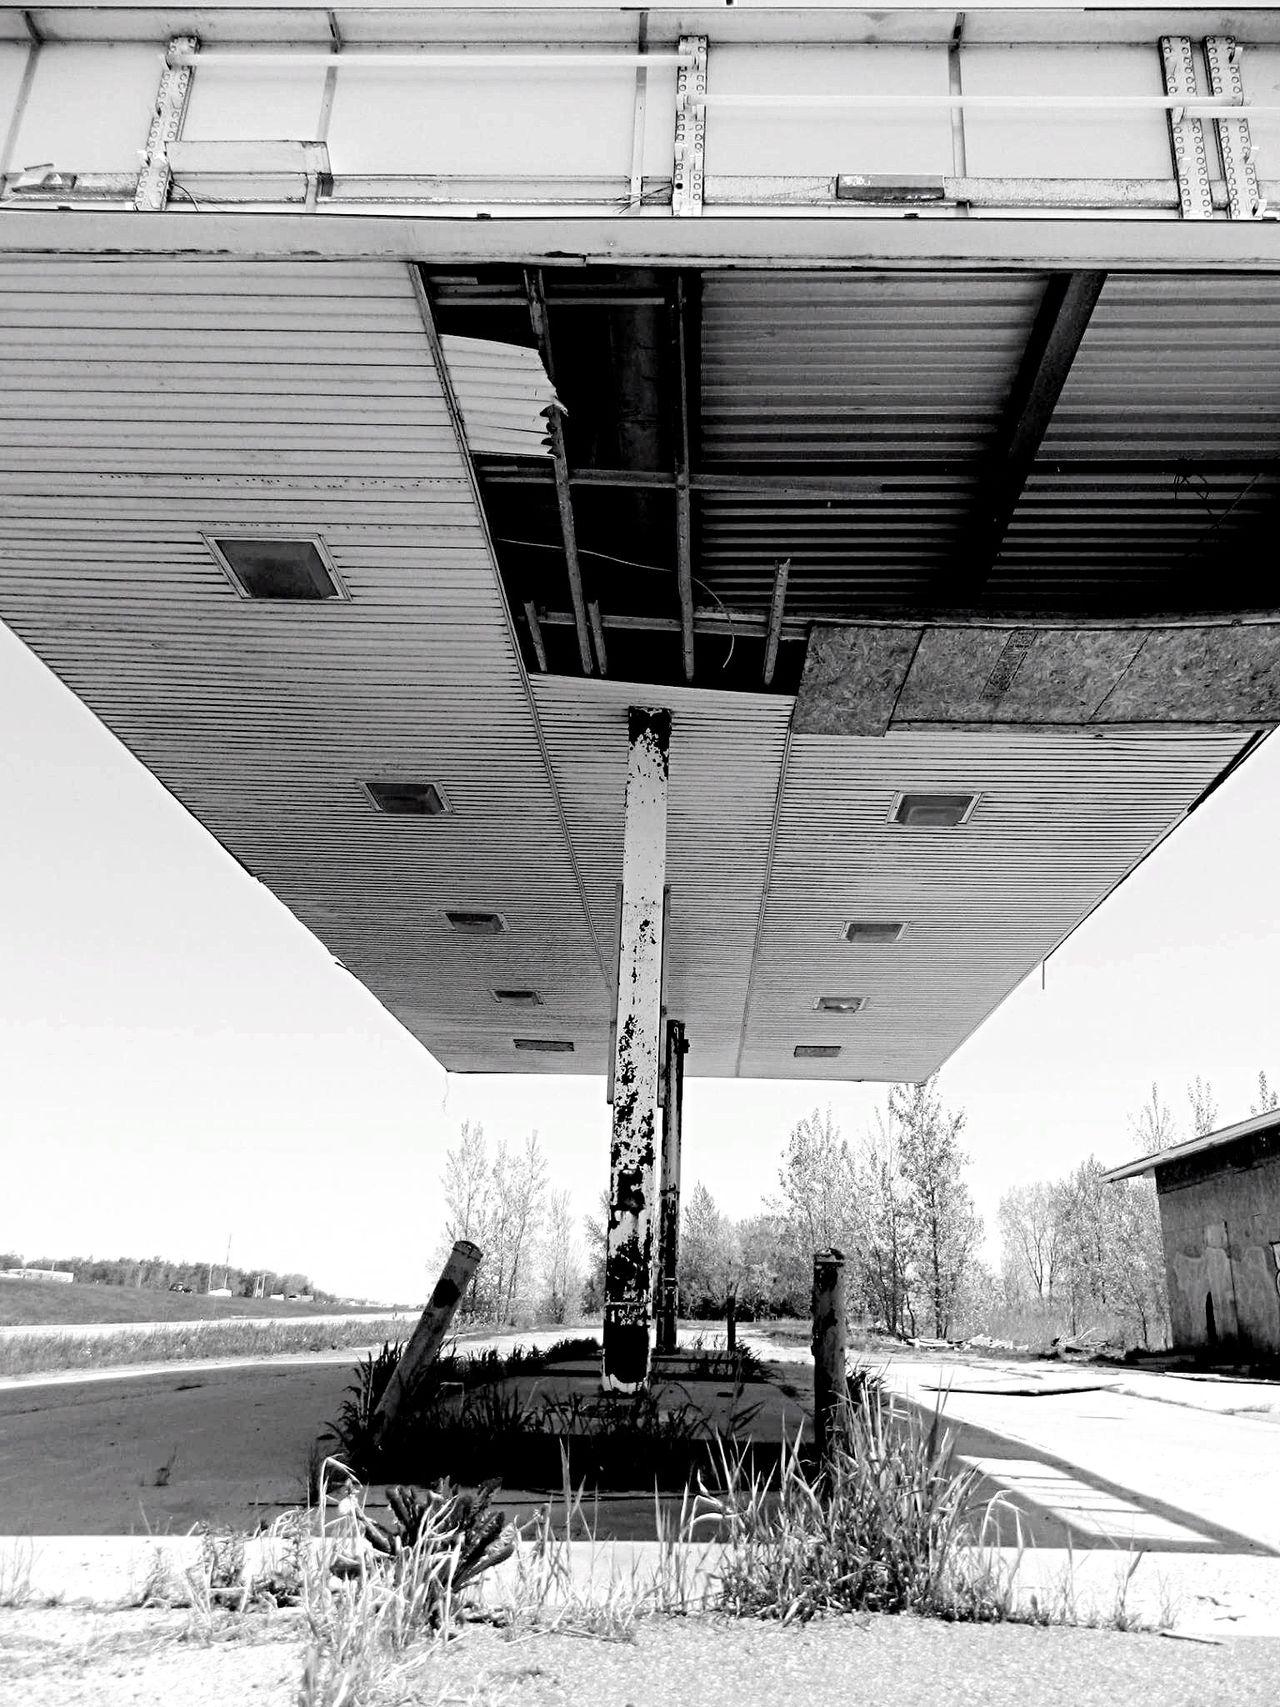 Station service Forsaken Abandoned Abandoned Places Station Service Station Service Gas Station Abandoned Gas Station Dilapidated Dilapidatedvisuals Dilapidated Gas Station